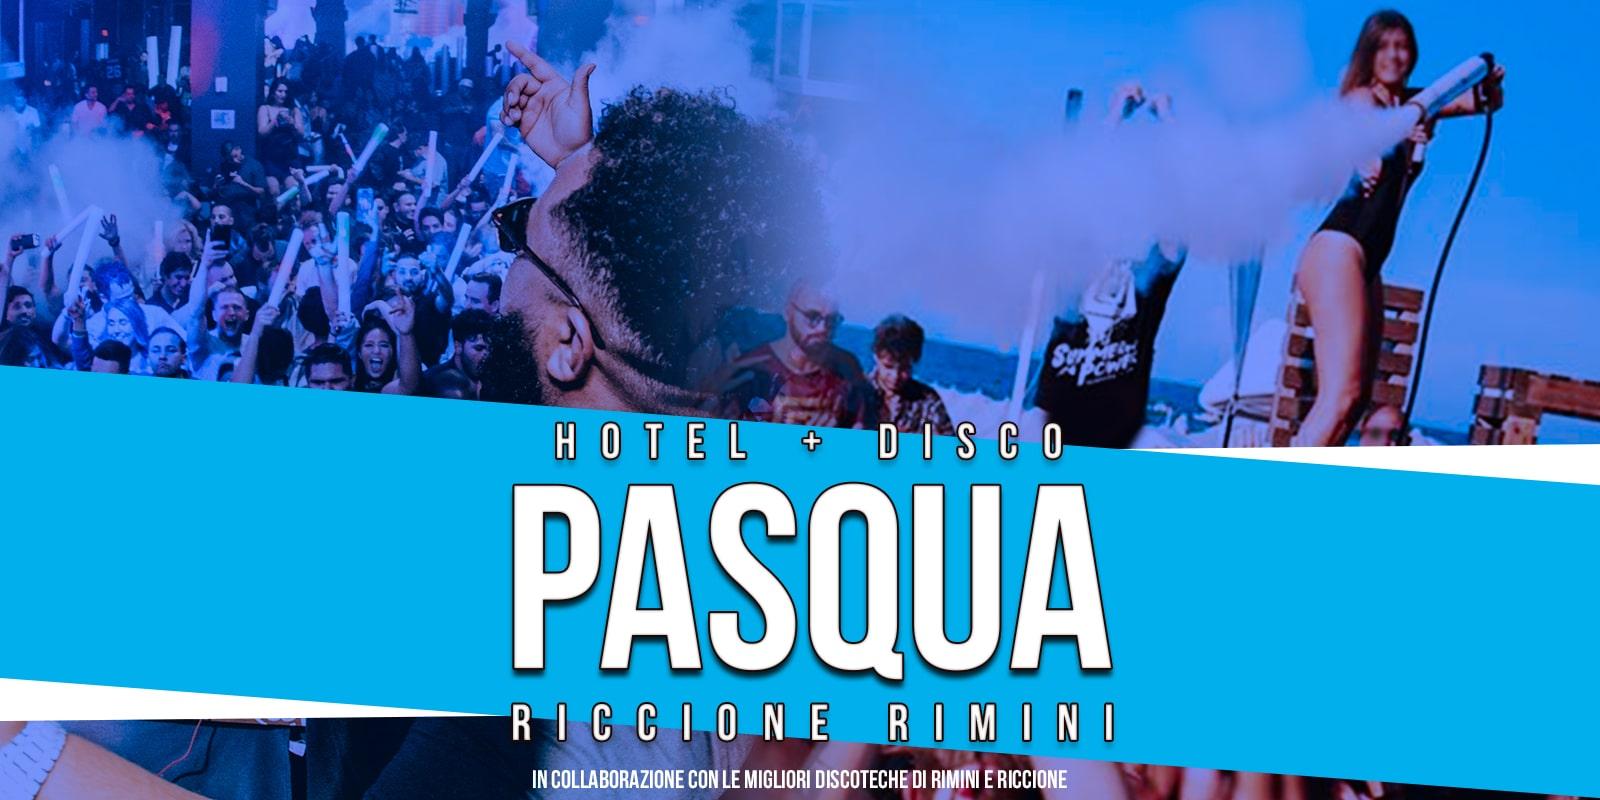 Pasqua 2020 Riccione Rimini eventi discoteche, pacchetti hotel ticket